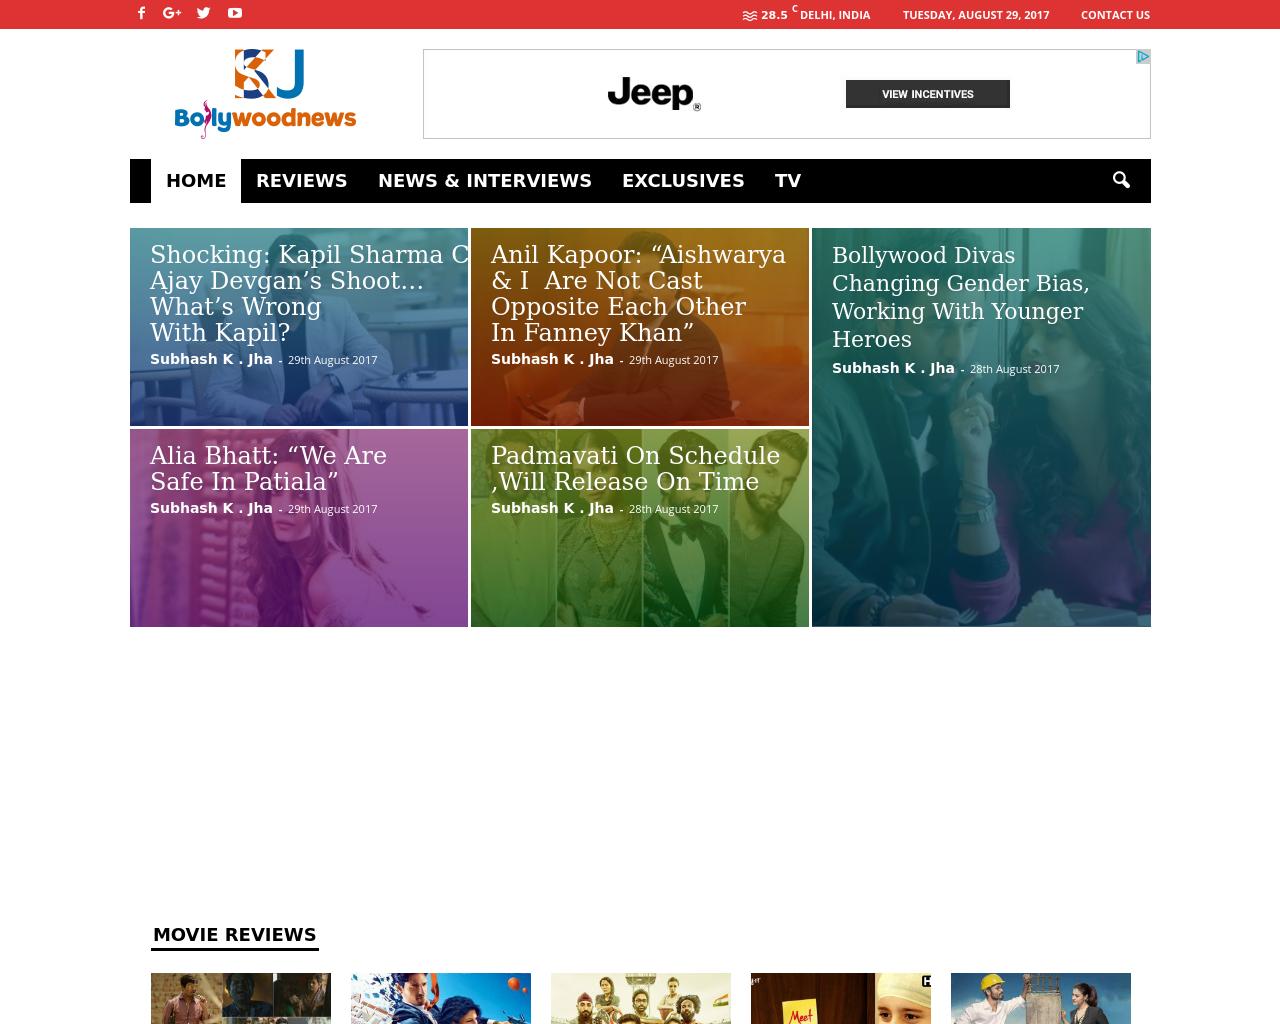 SKJ-Bollywood-Advertising-Reviews-Pricing